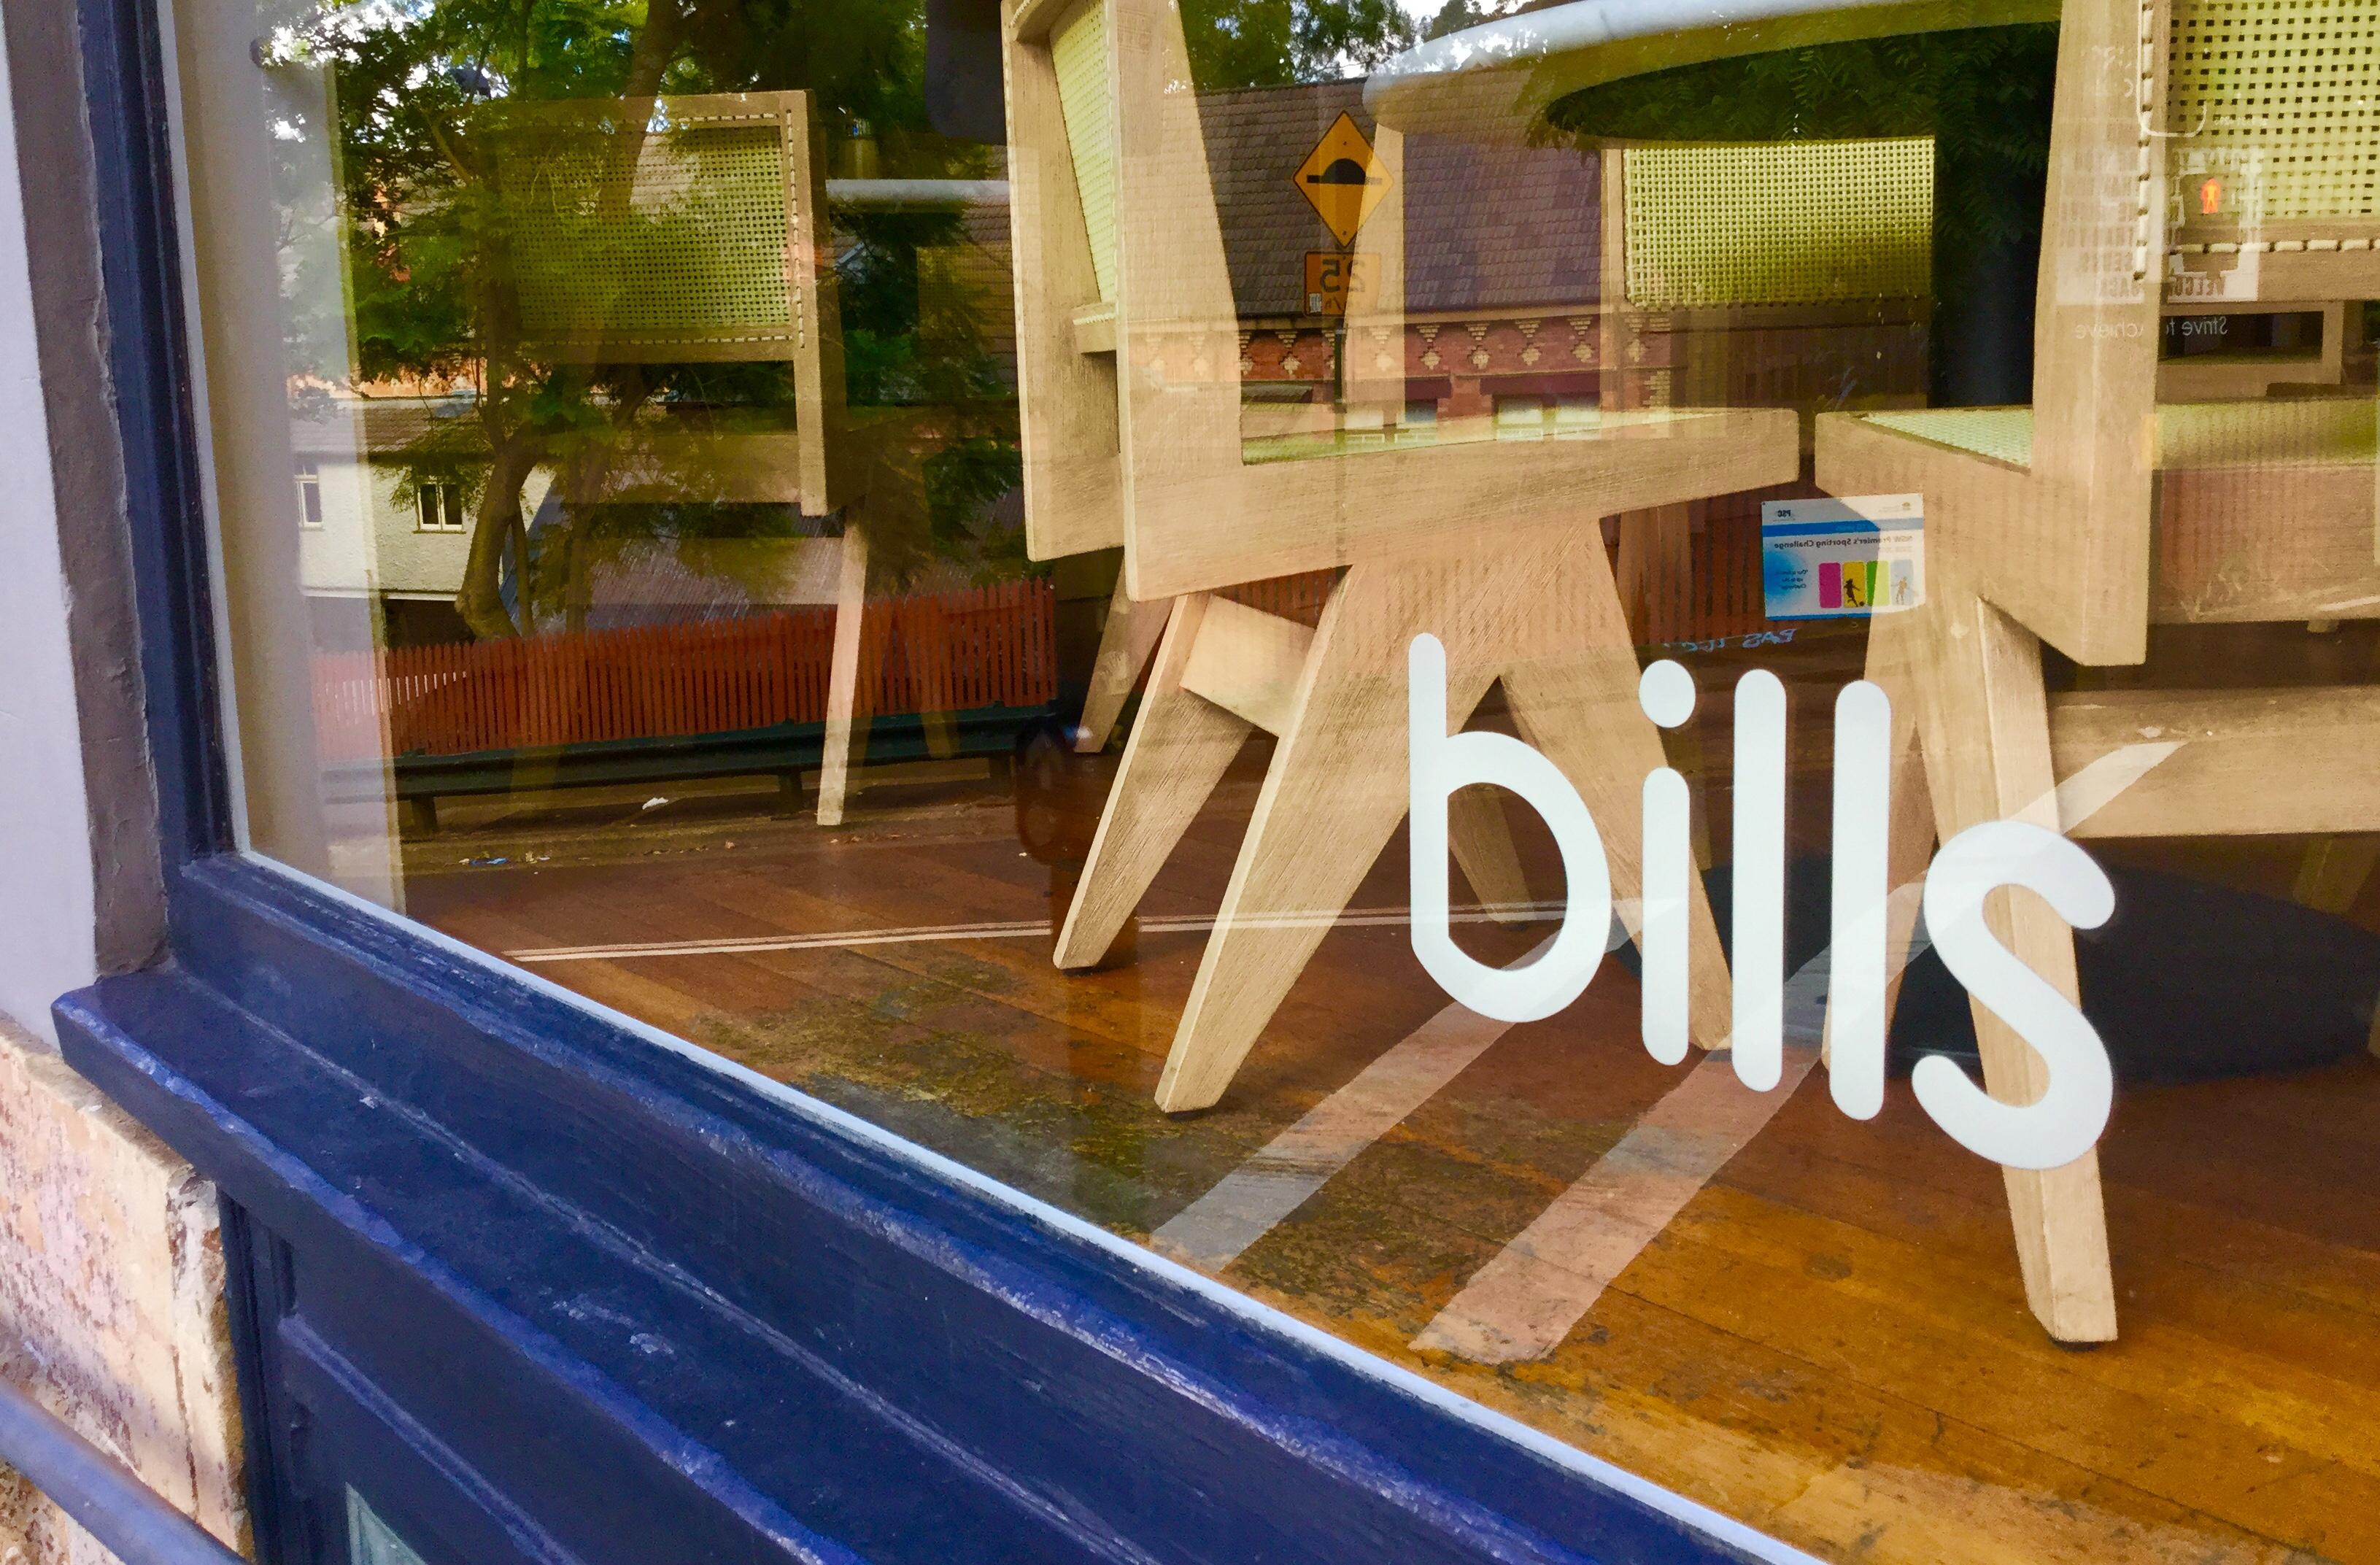 世界一の朝食で話題になったビルズ (Bills) に行こう!